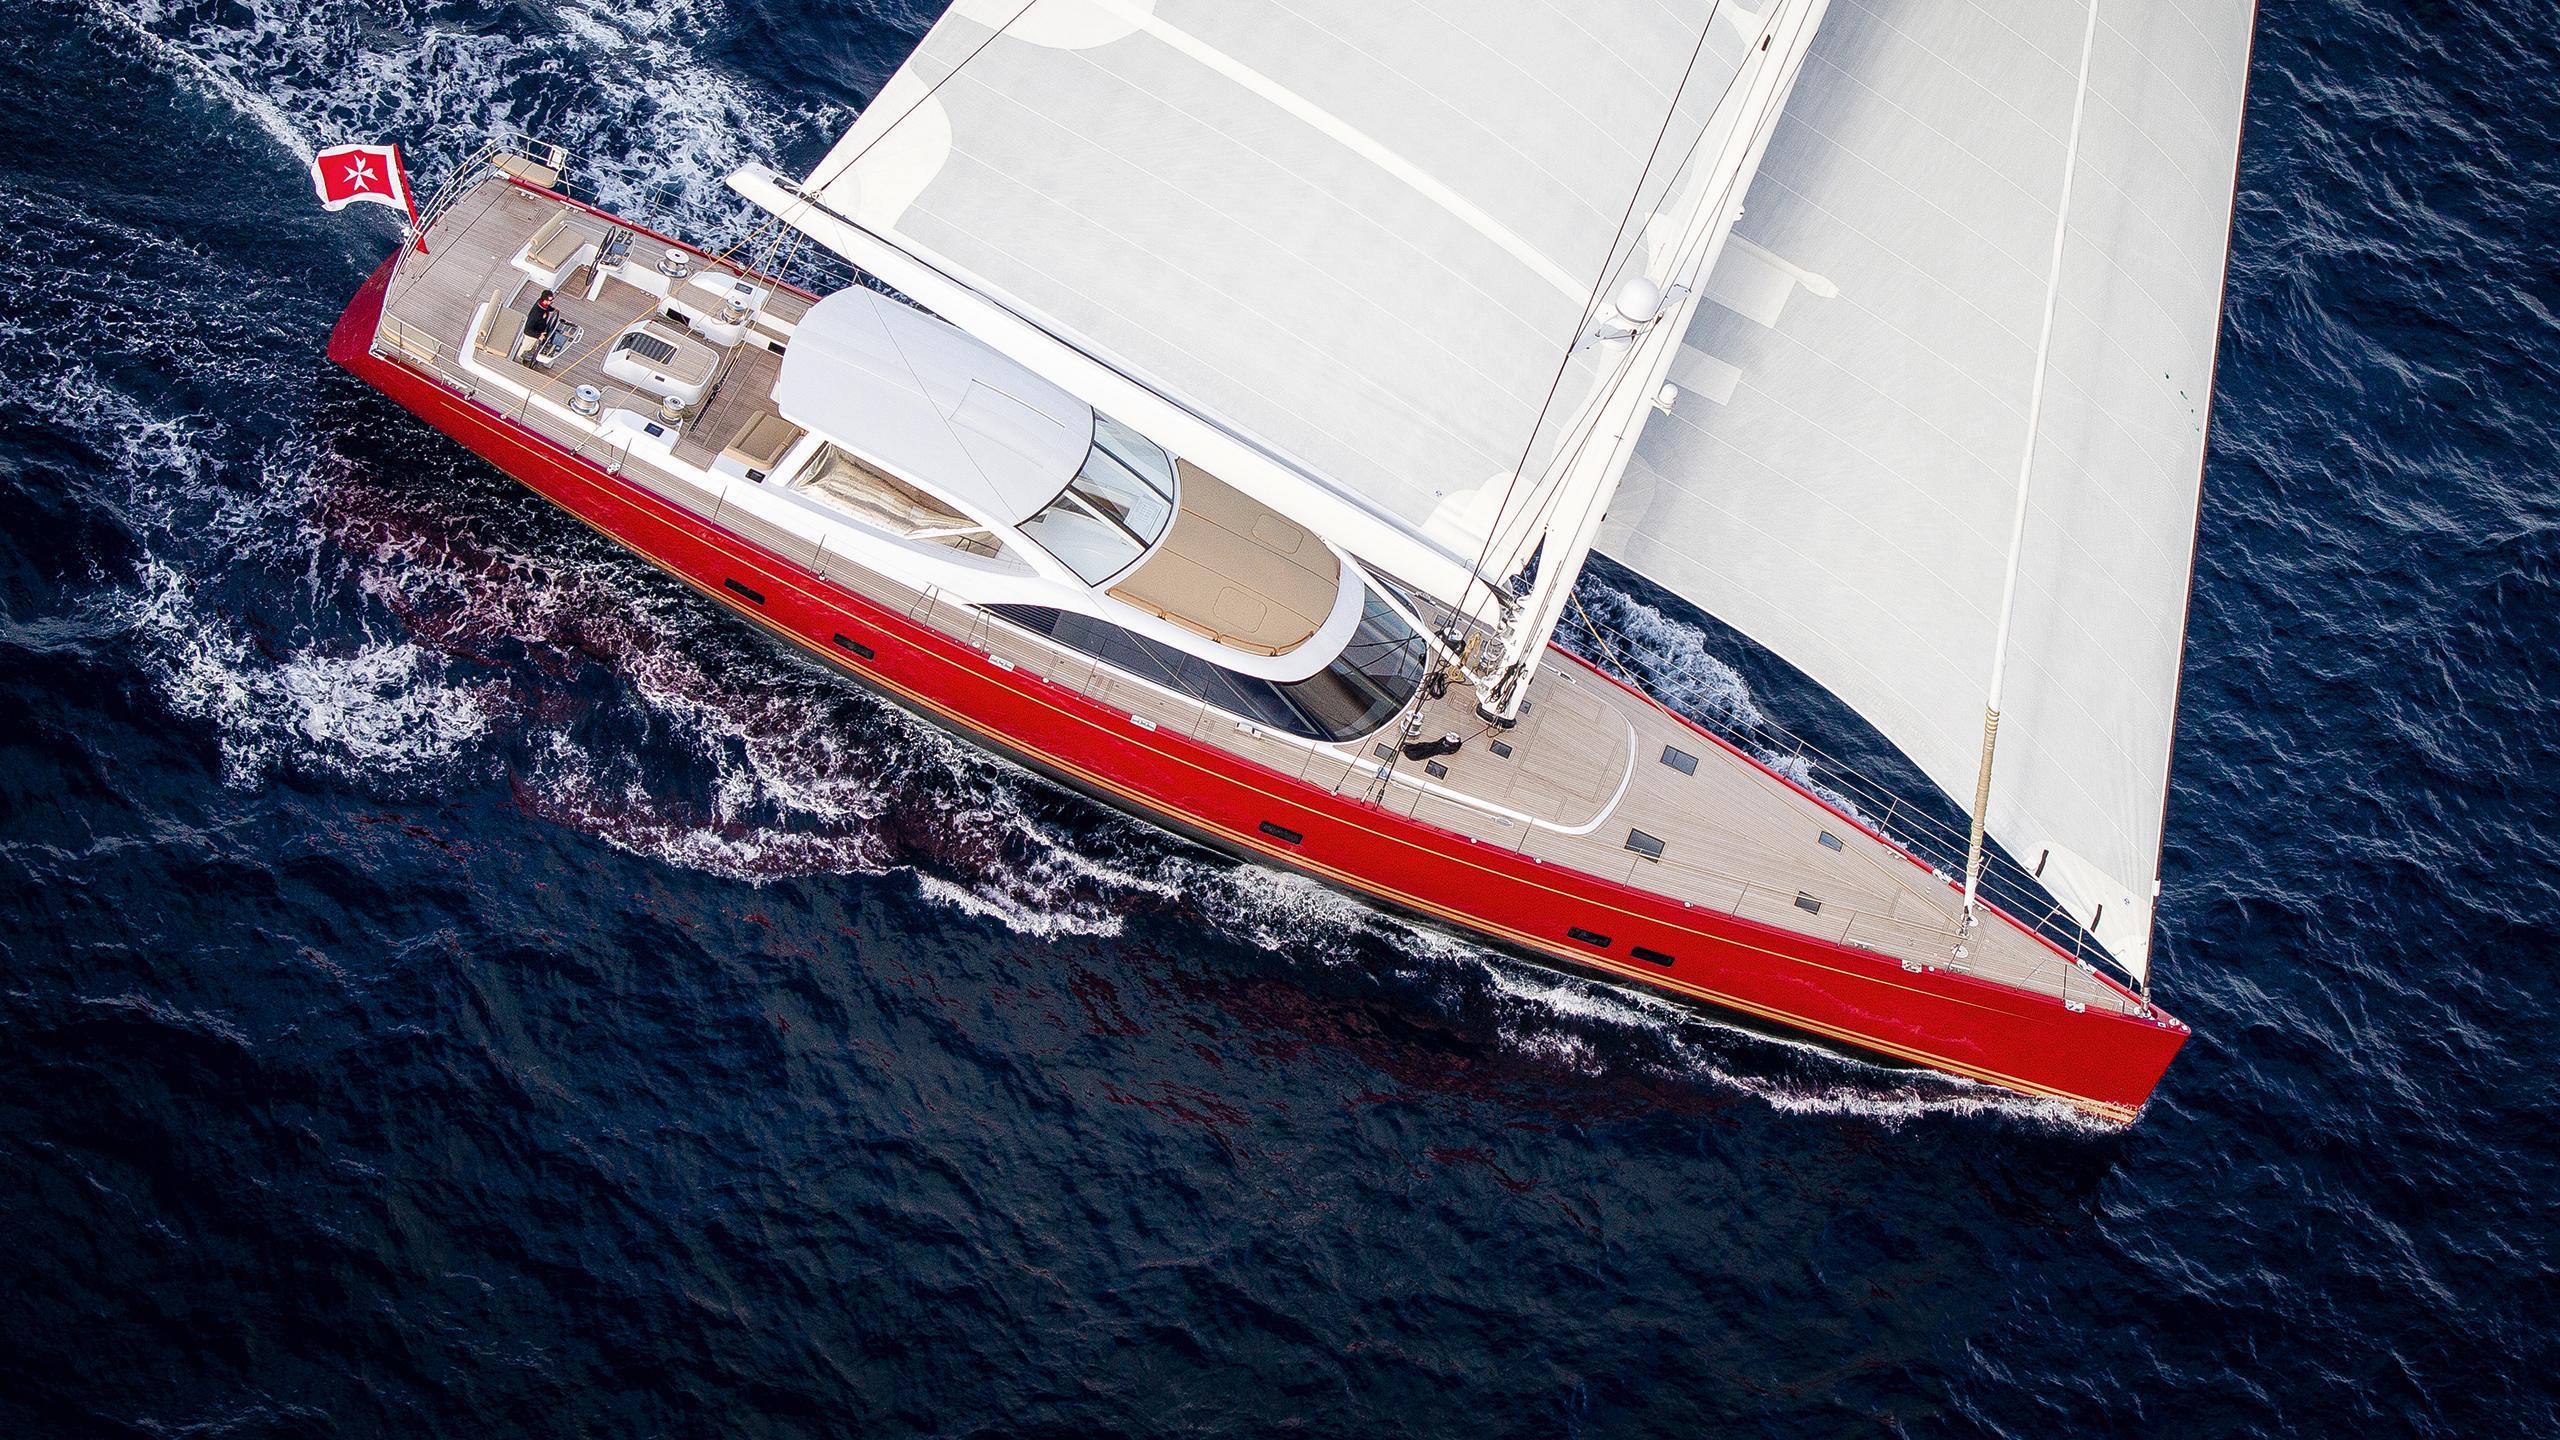 doryan-sailing-yacht-2015-35m-aerial